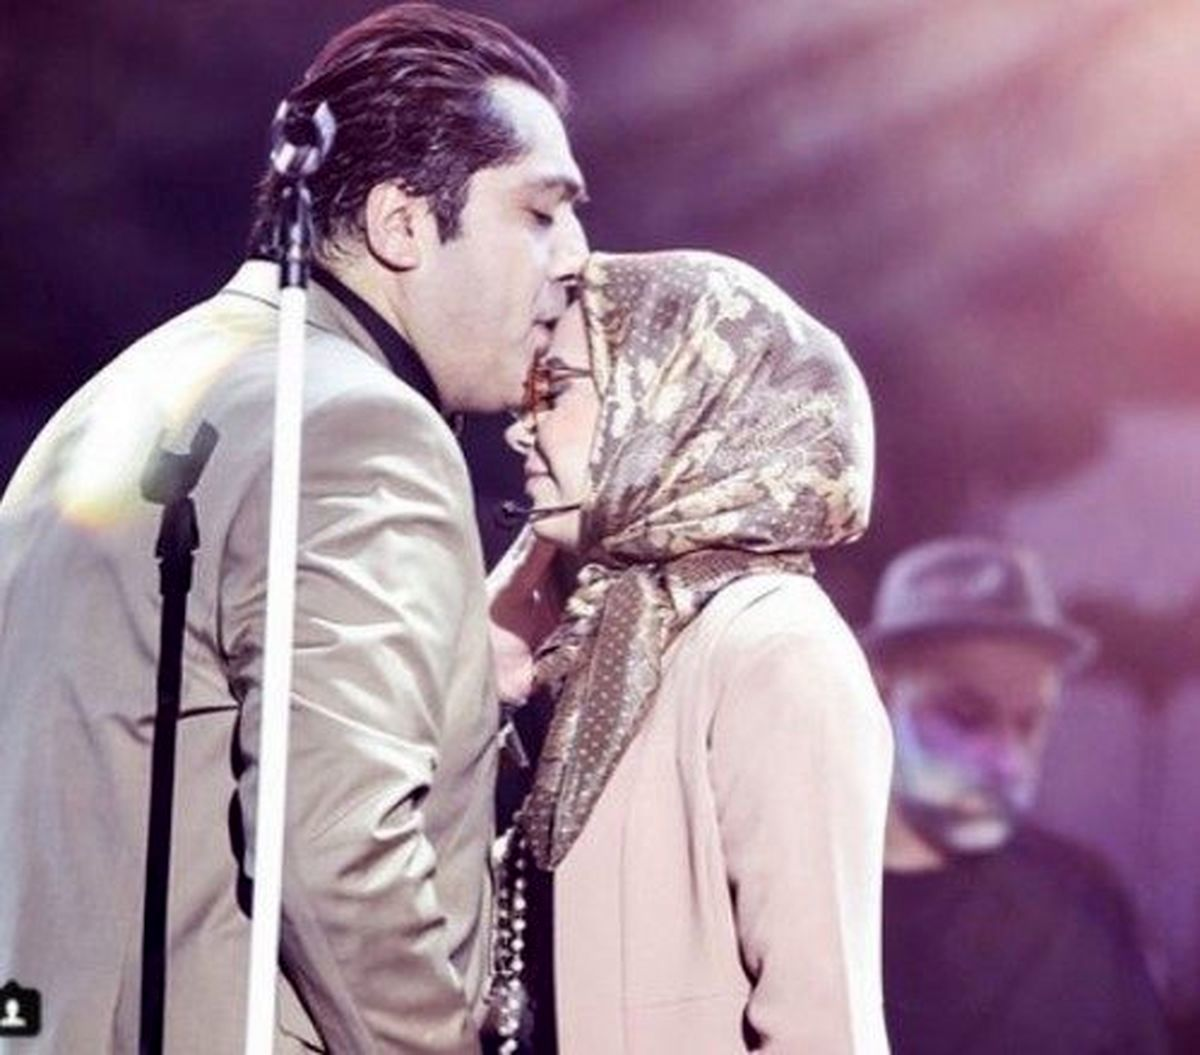 ماجرای ممنوع التصویر شدن صباراد و بوسه جنجالی همسرش در کنسرت + بیوگرافی